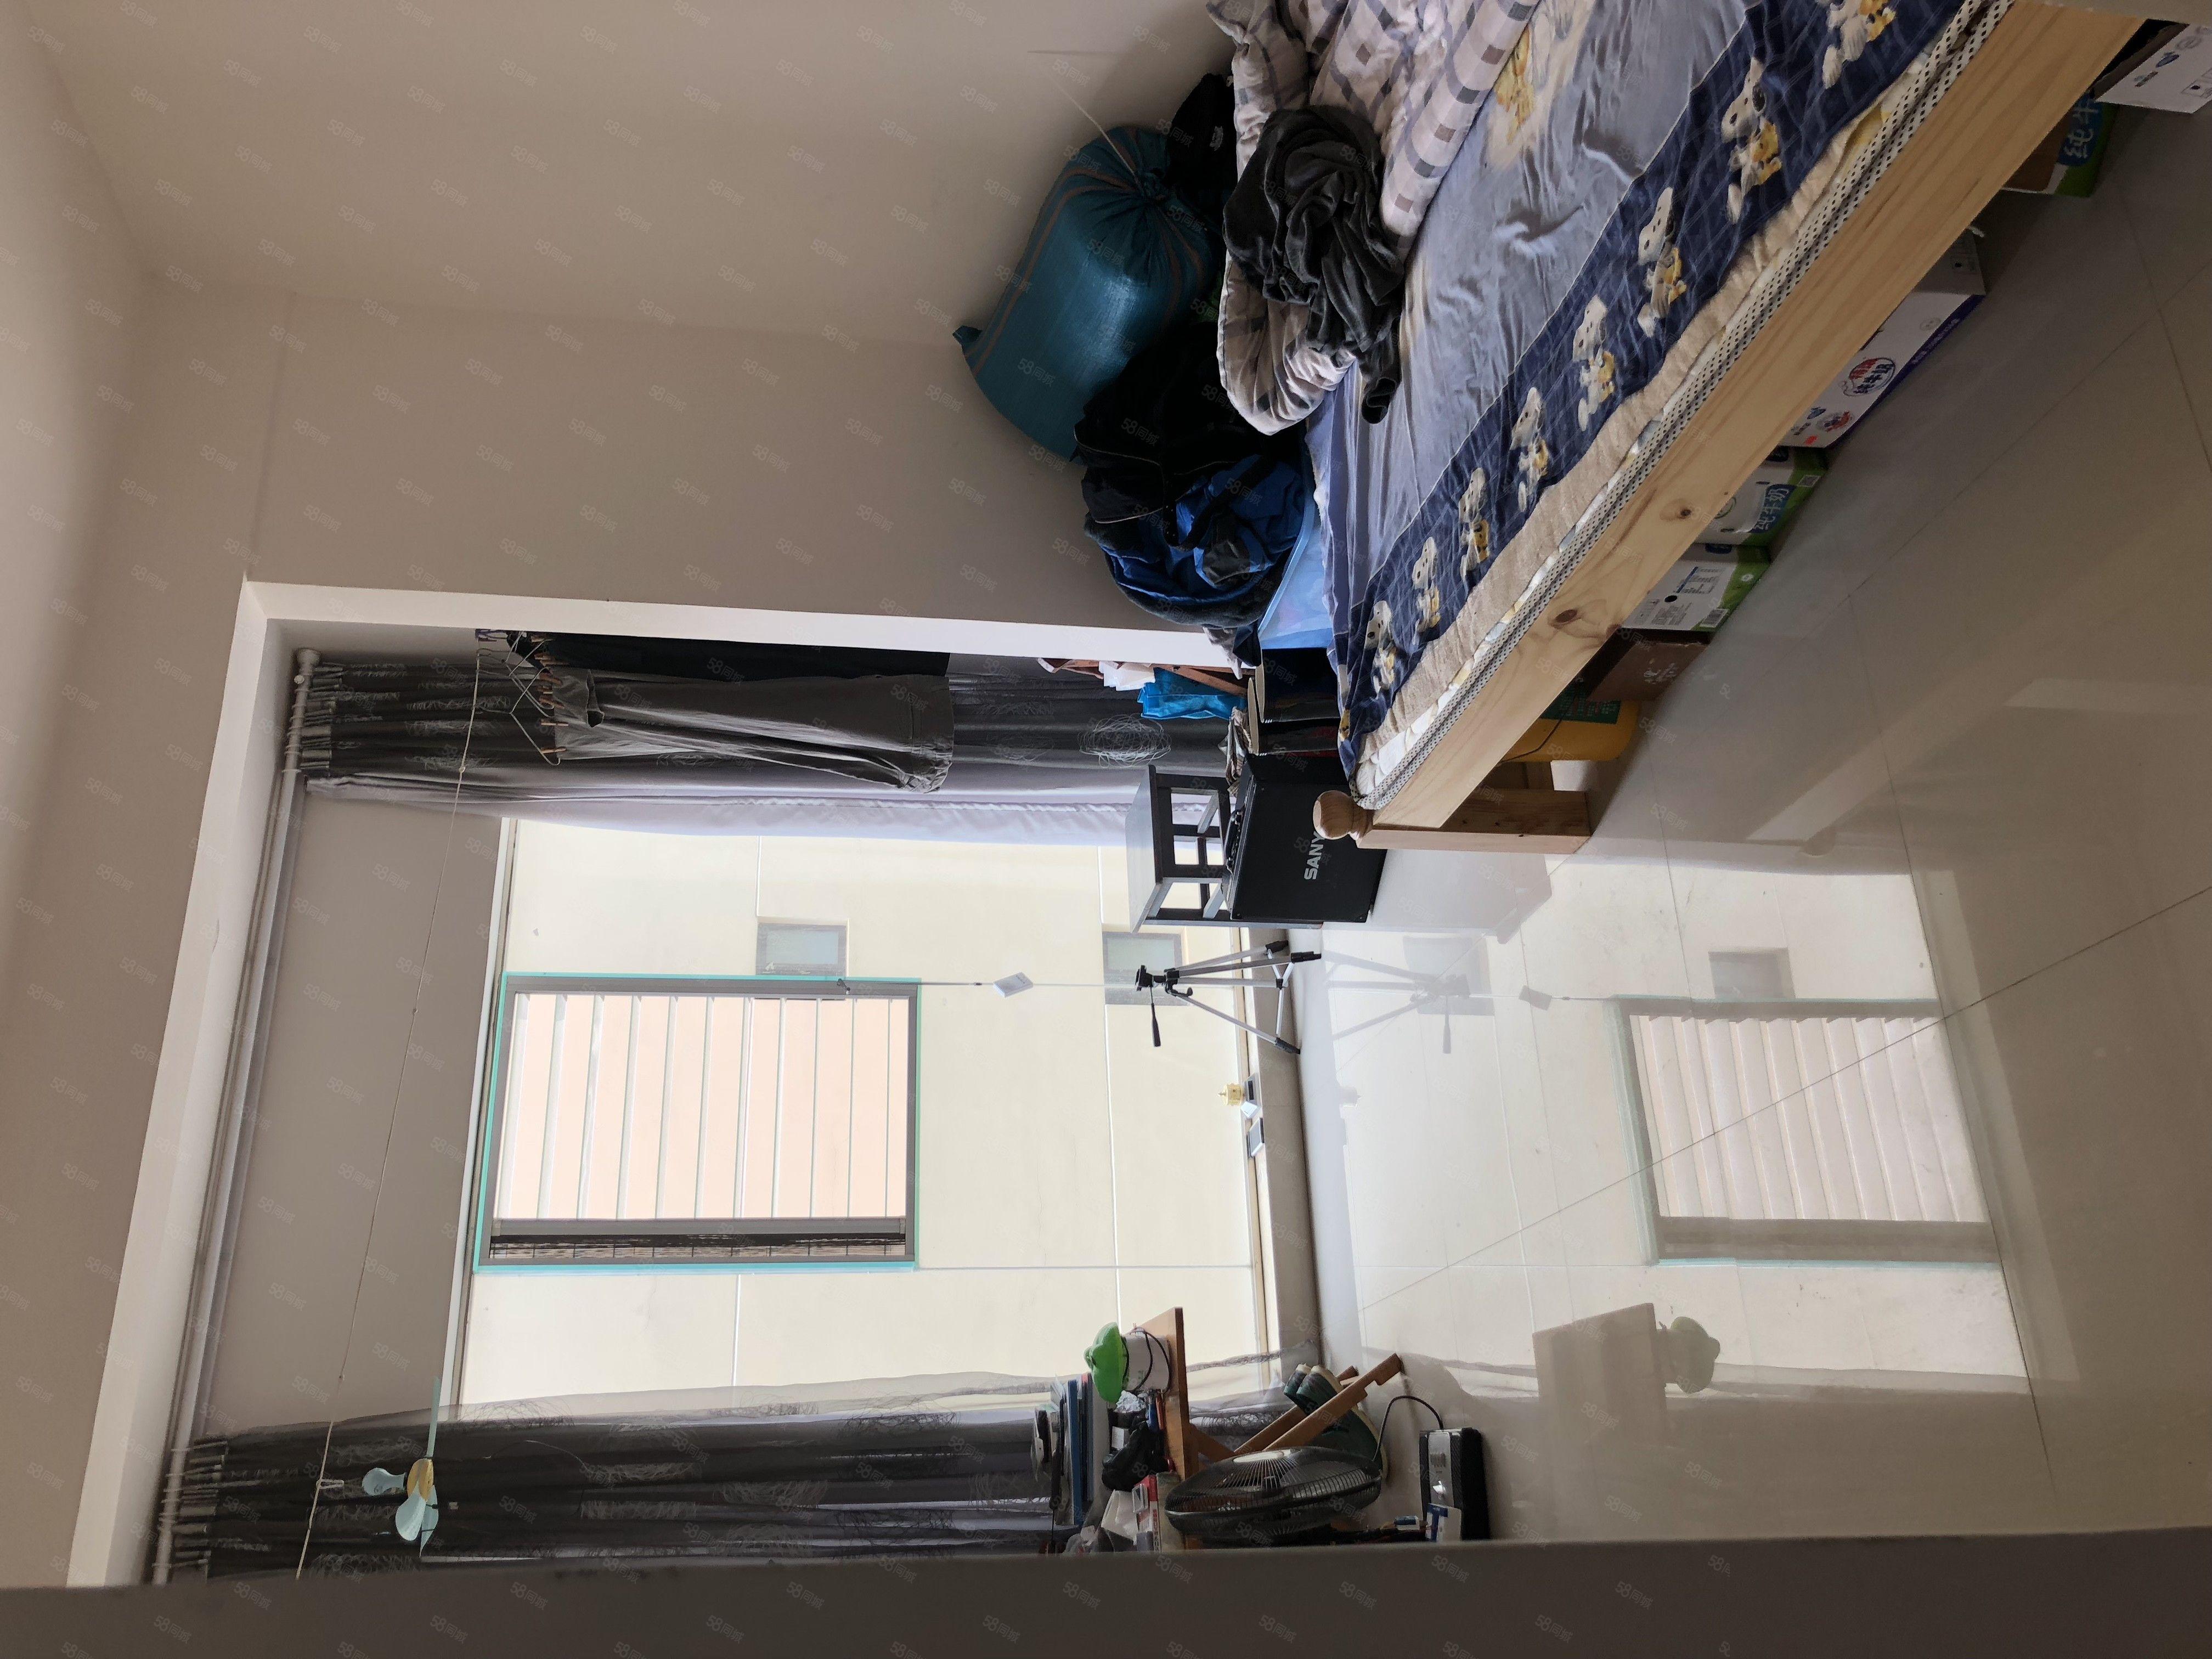 急售艺园小区单生公寓3楼15.8万就可以拥有一个自己的家